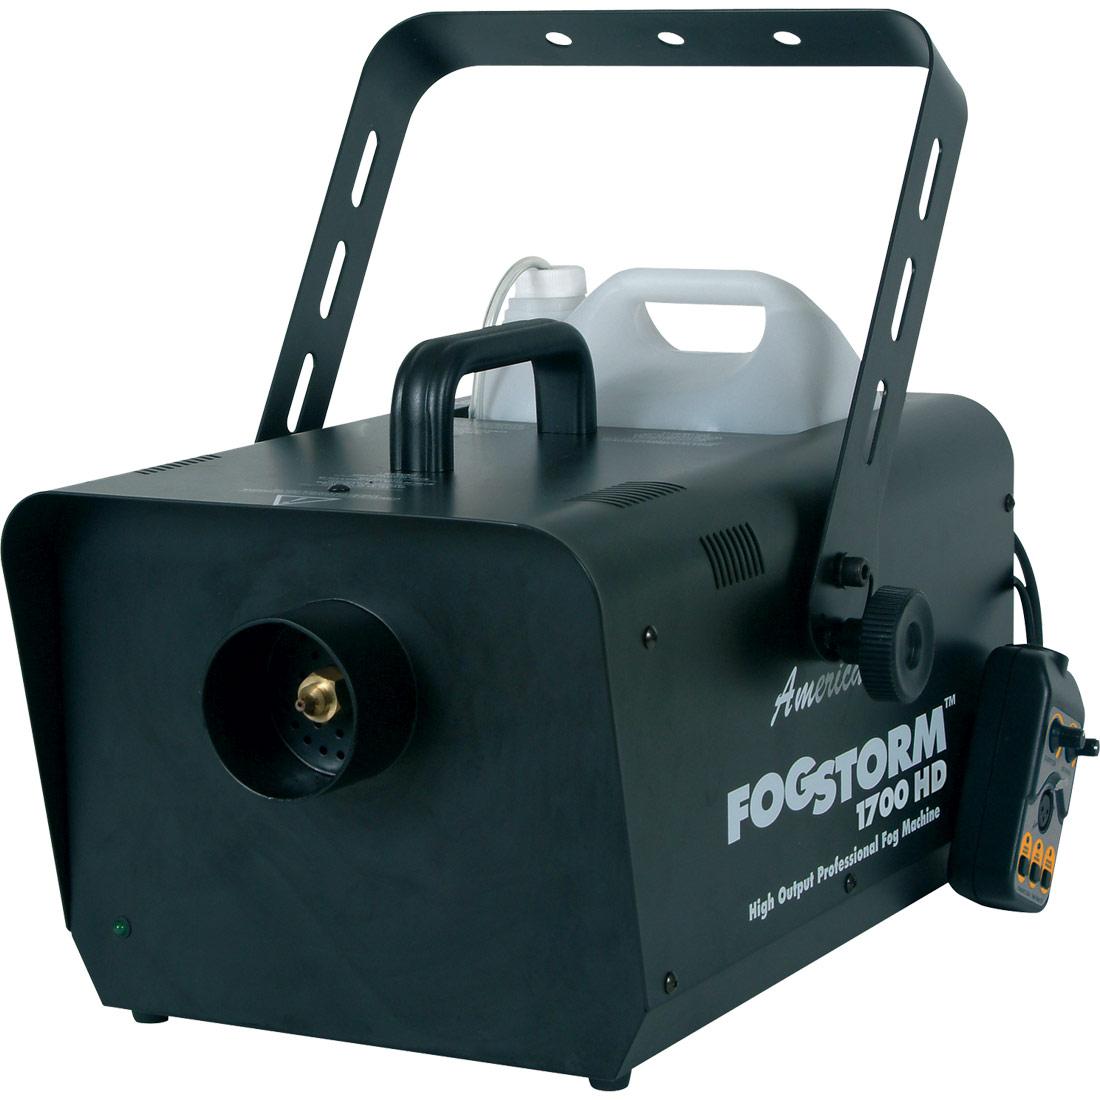 Fogstorm 1700HD - 1700W Fogmachine